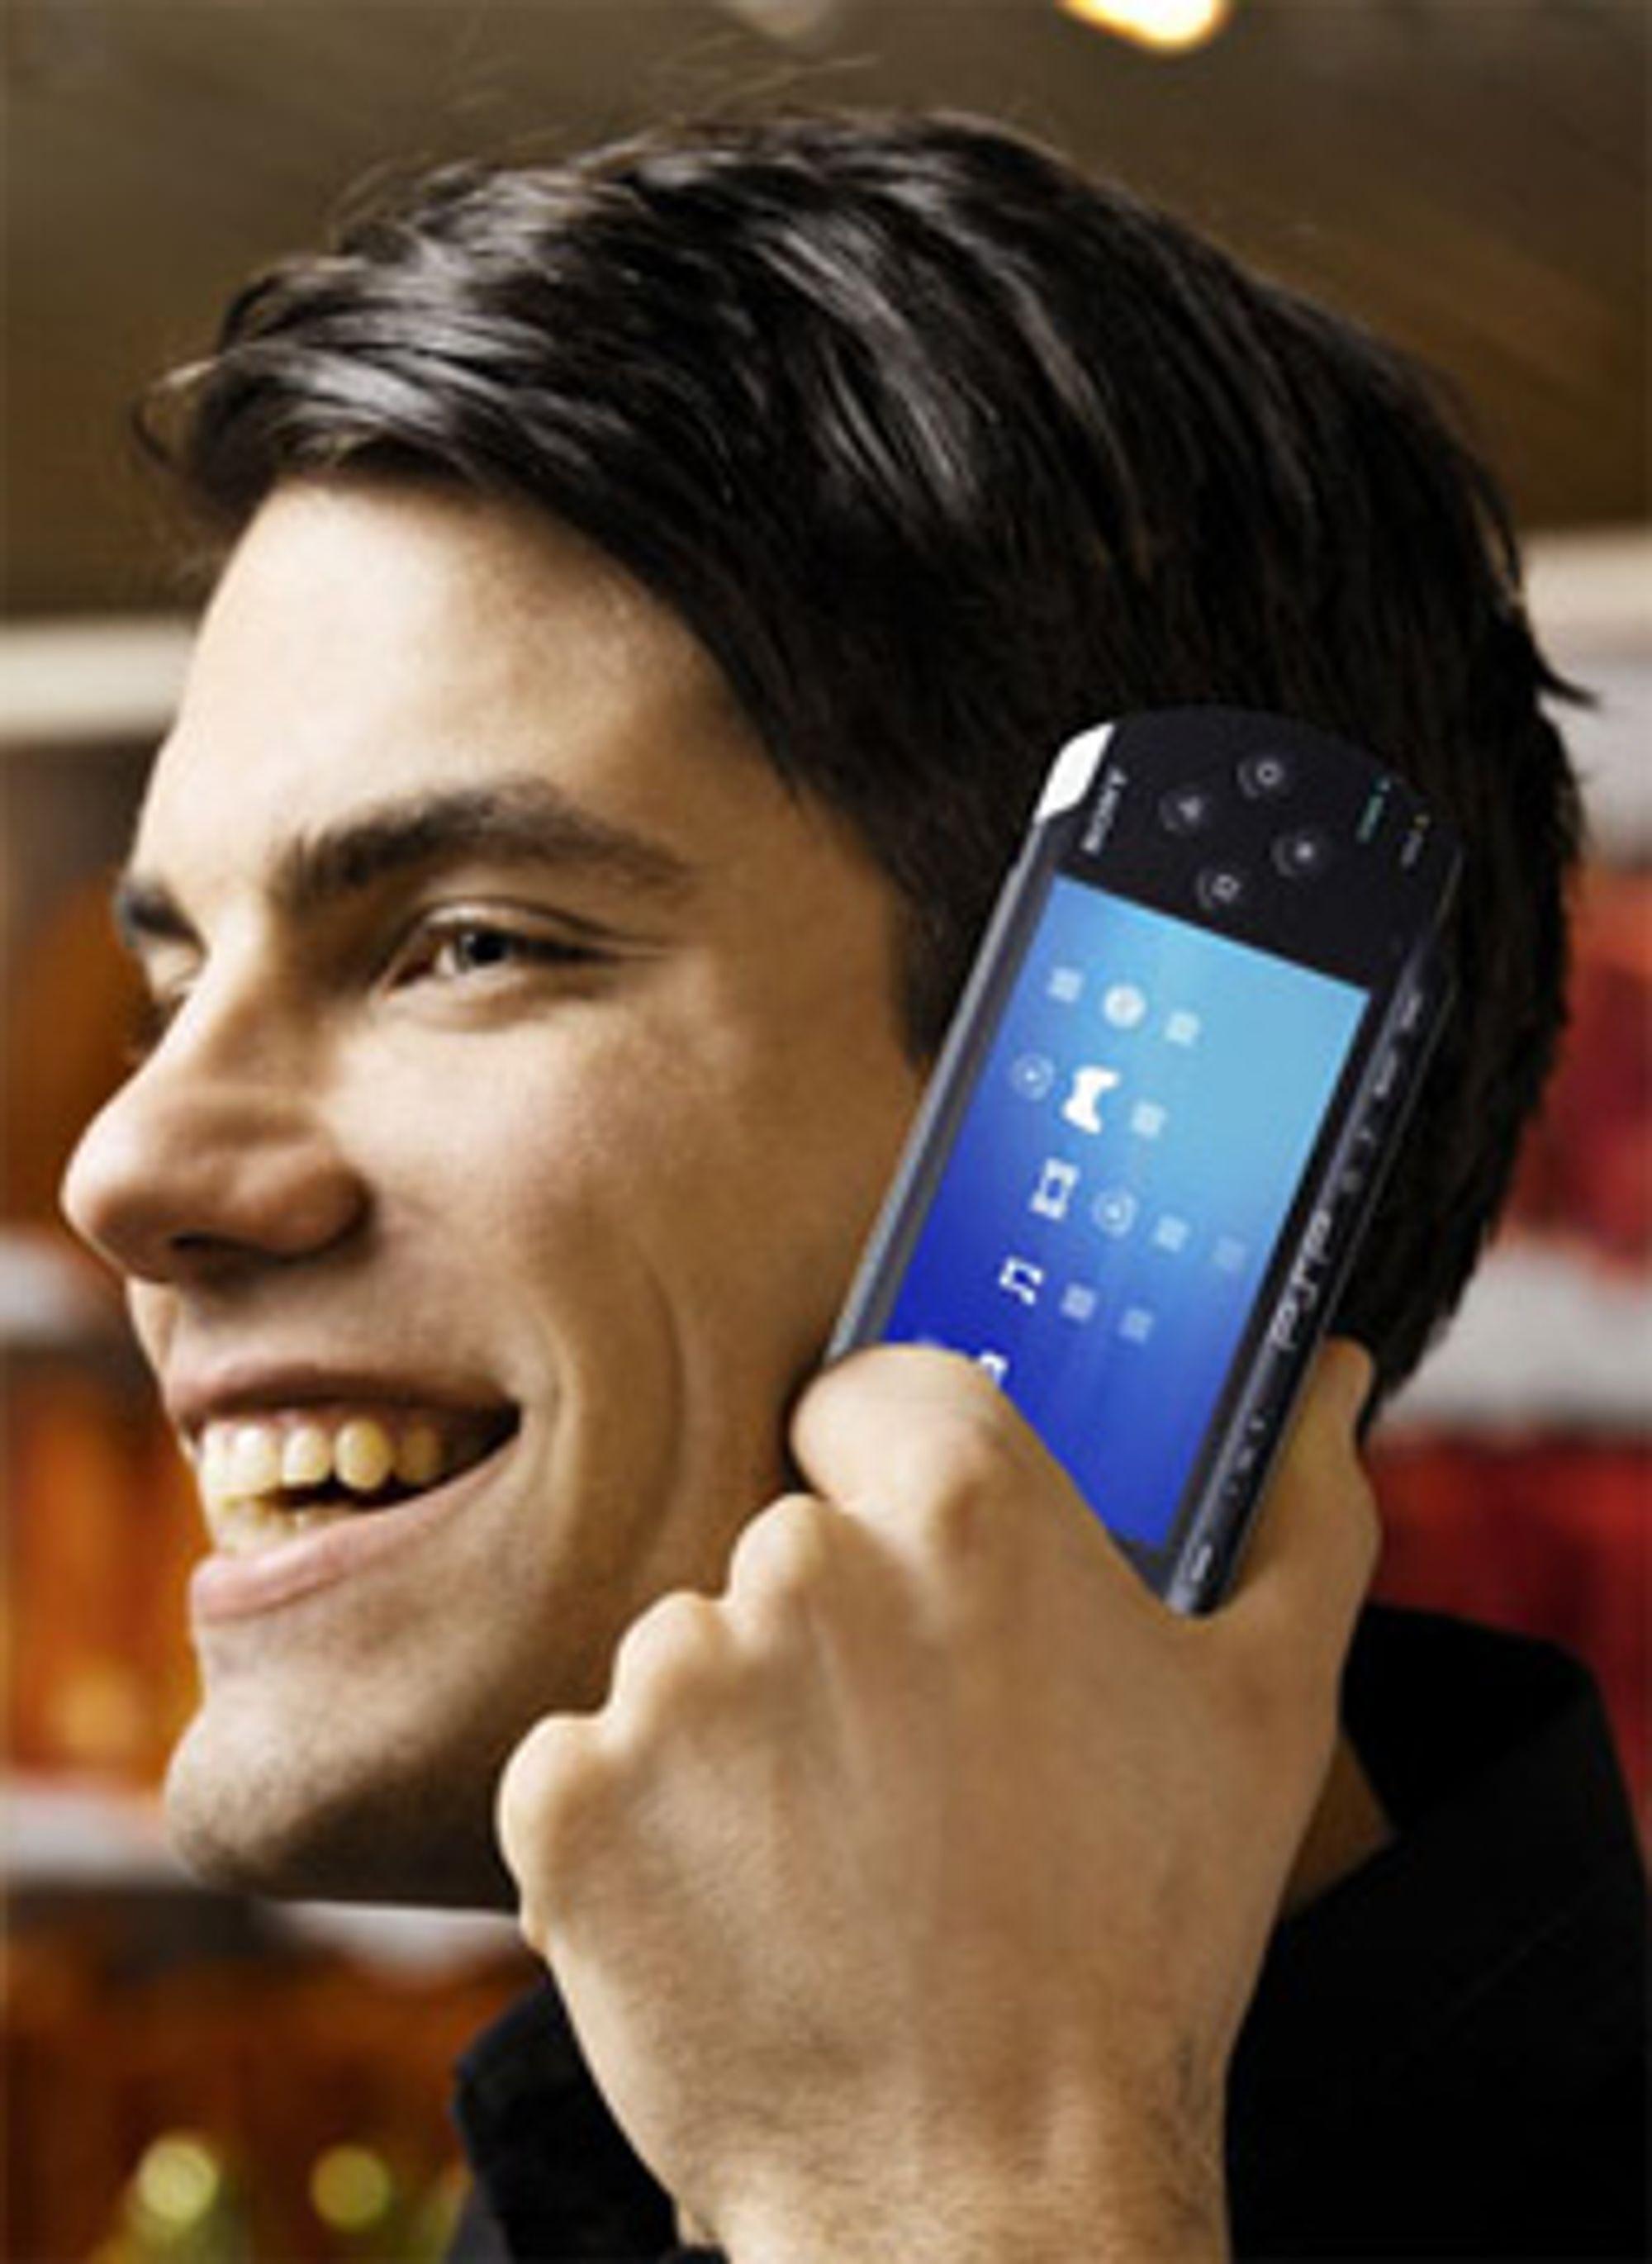 Ville du ringt med PSP? (Bilde: The Register)